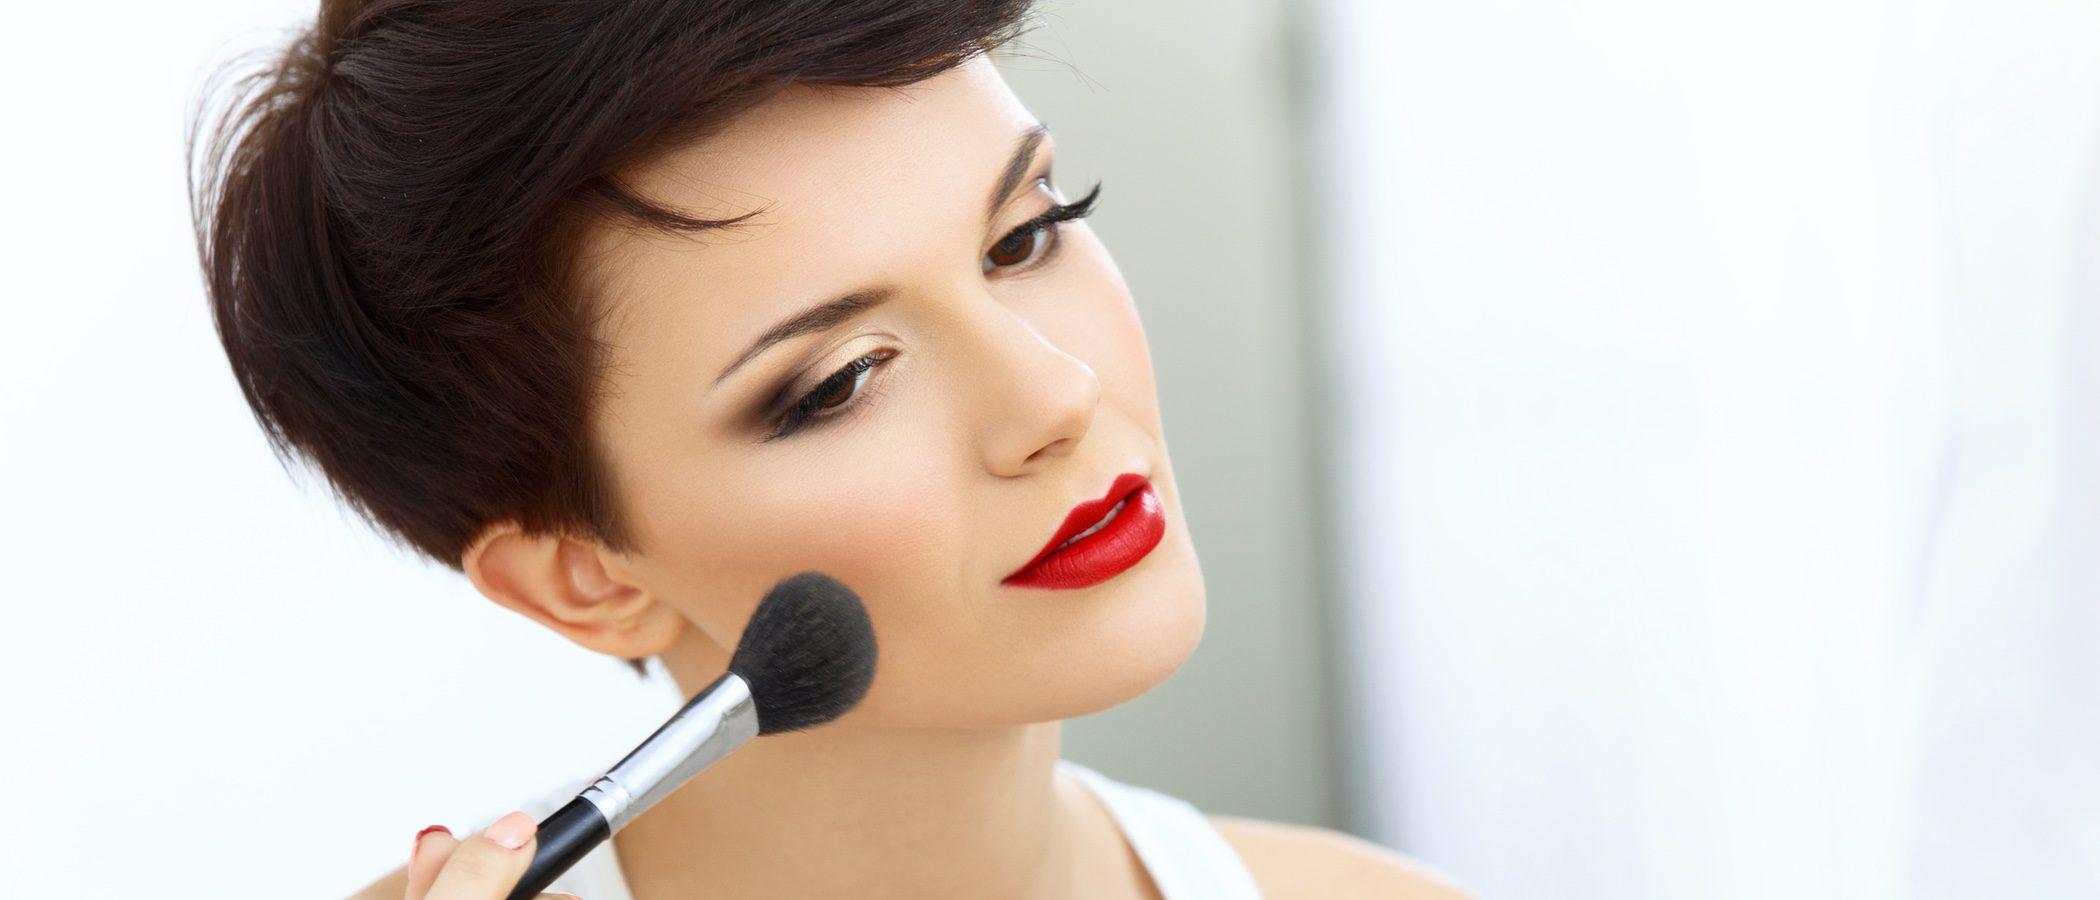 Cómo maquillarse en vacaciones